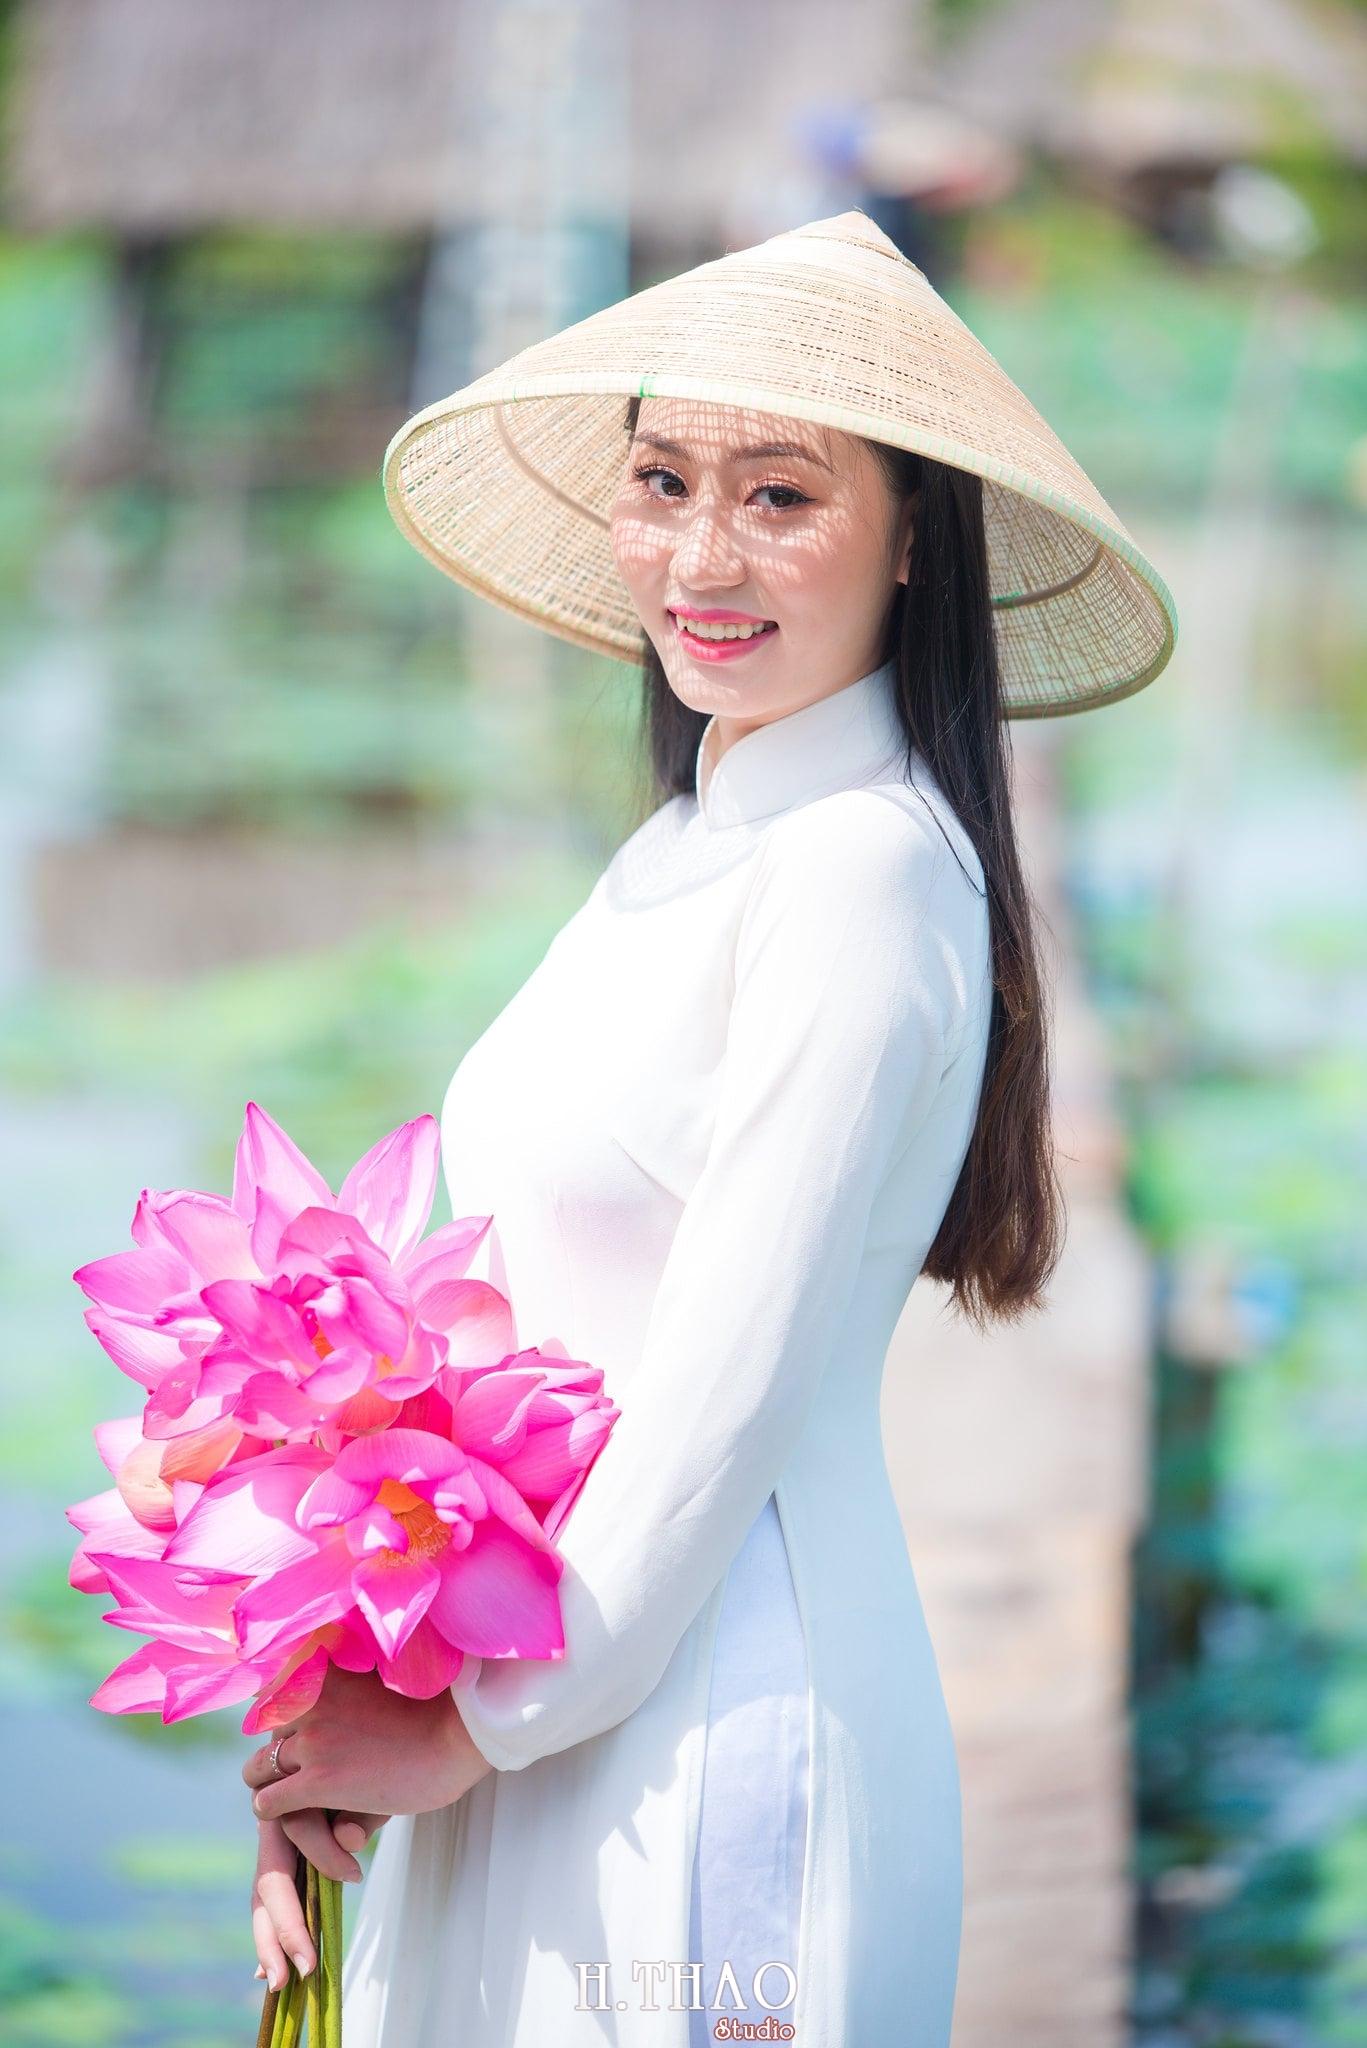 Chup hinh hoa sen 3 - Góc ảnh thiếu nữ bên hoa sen tam đa quận 9 tuyệt đẹp - HThao Studio